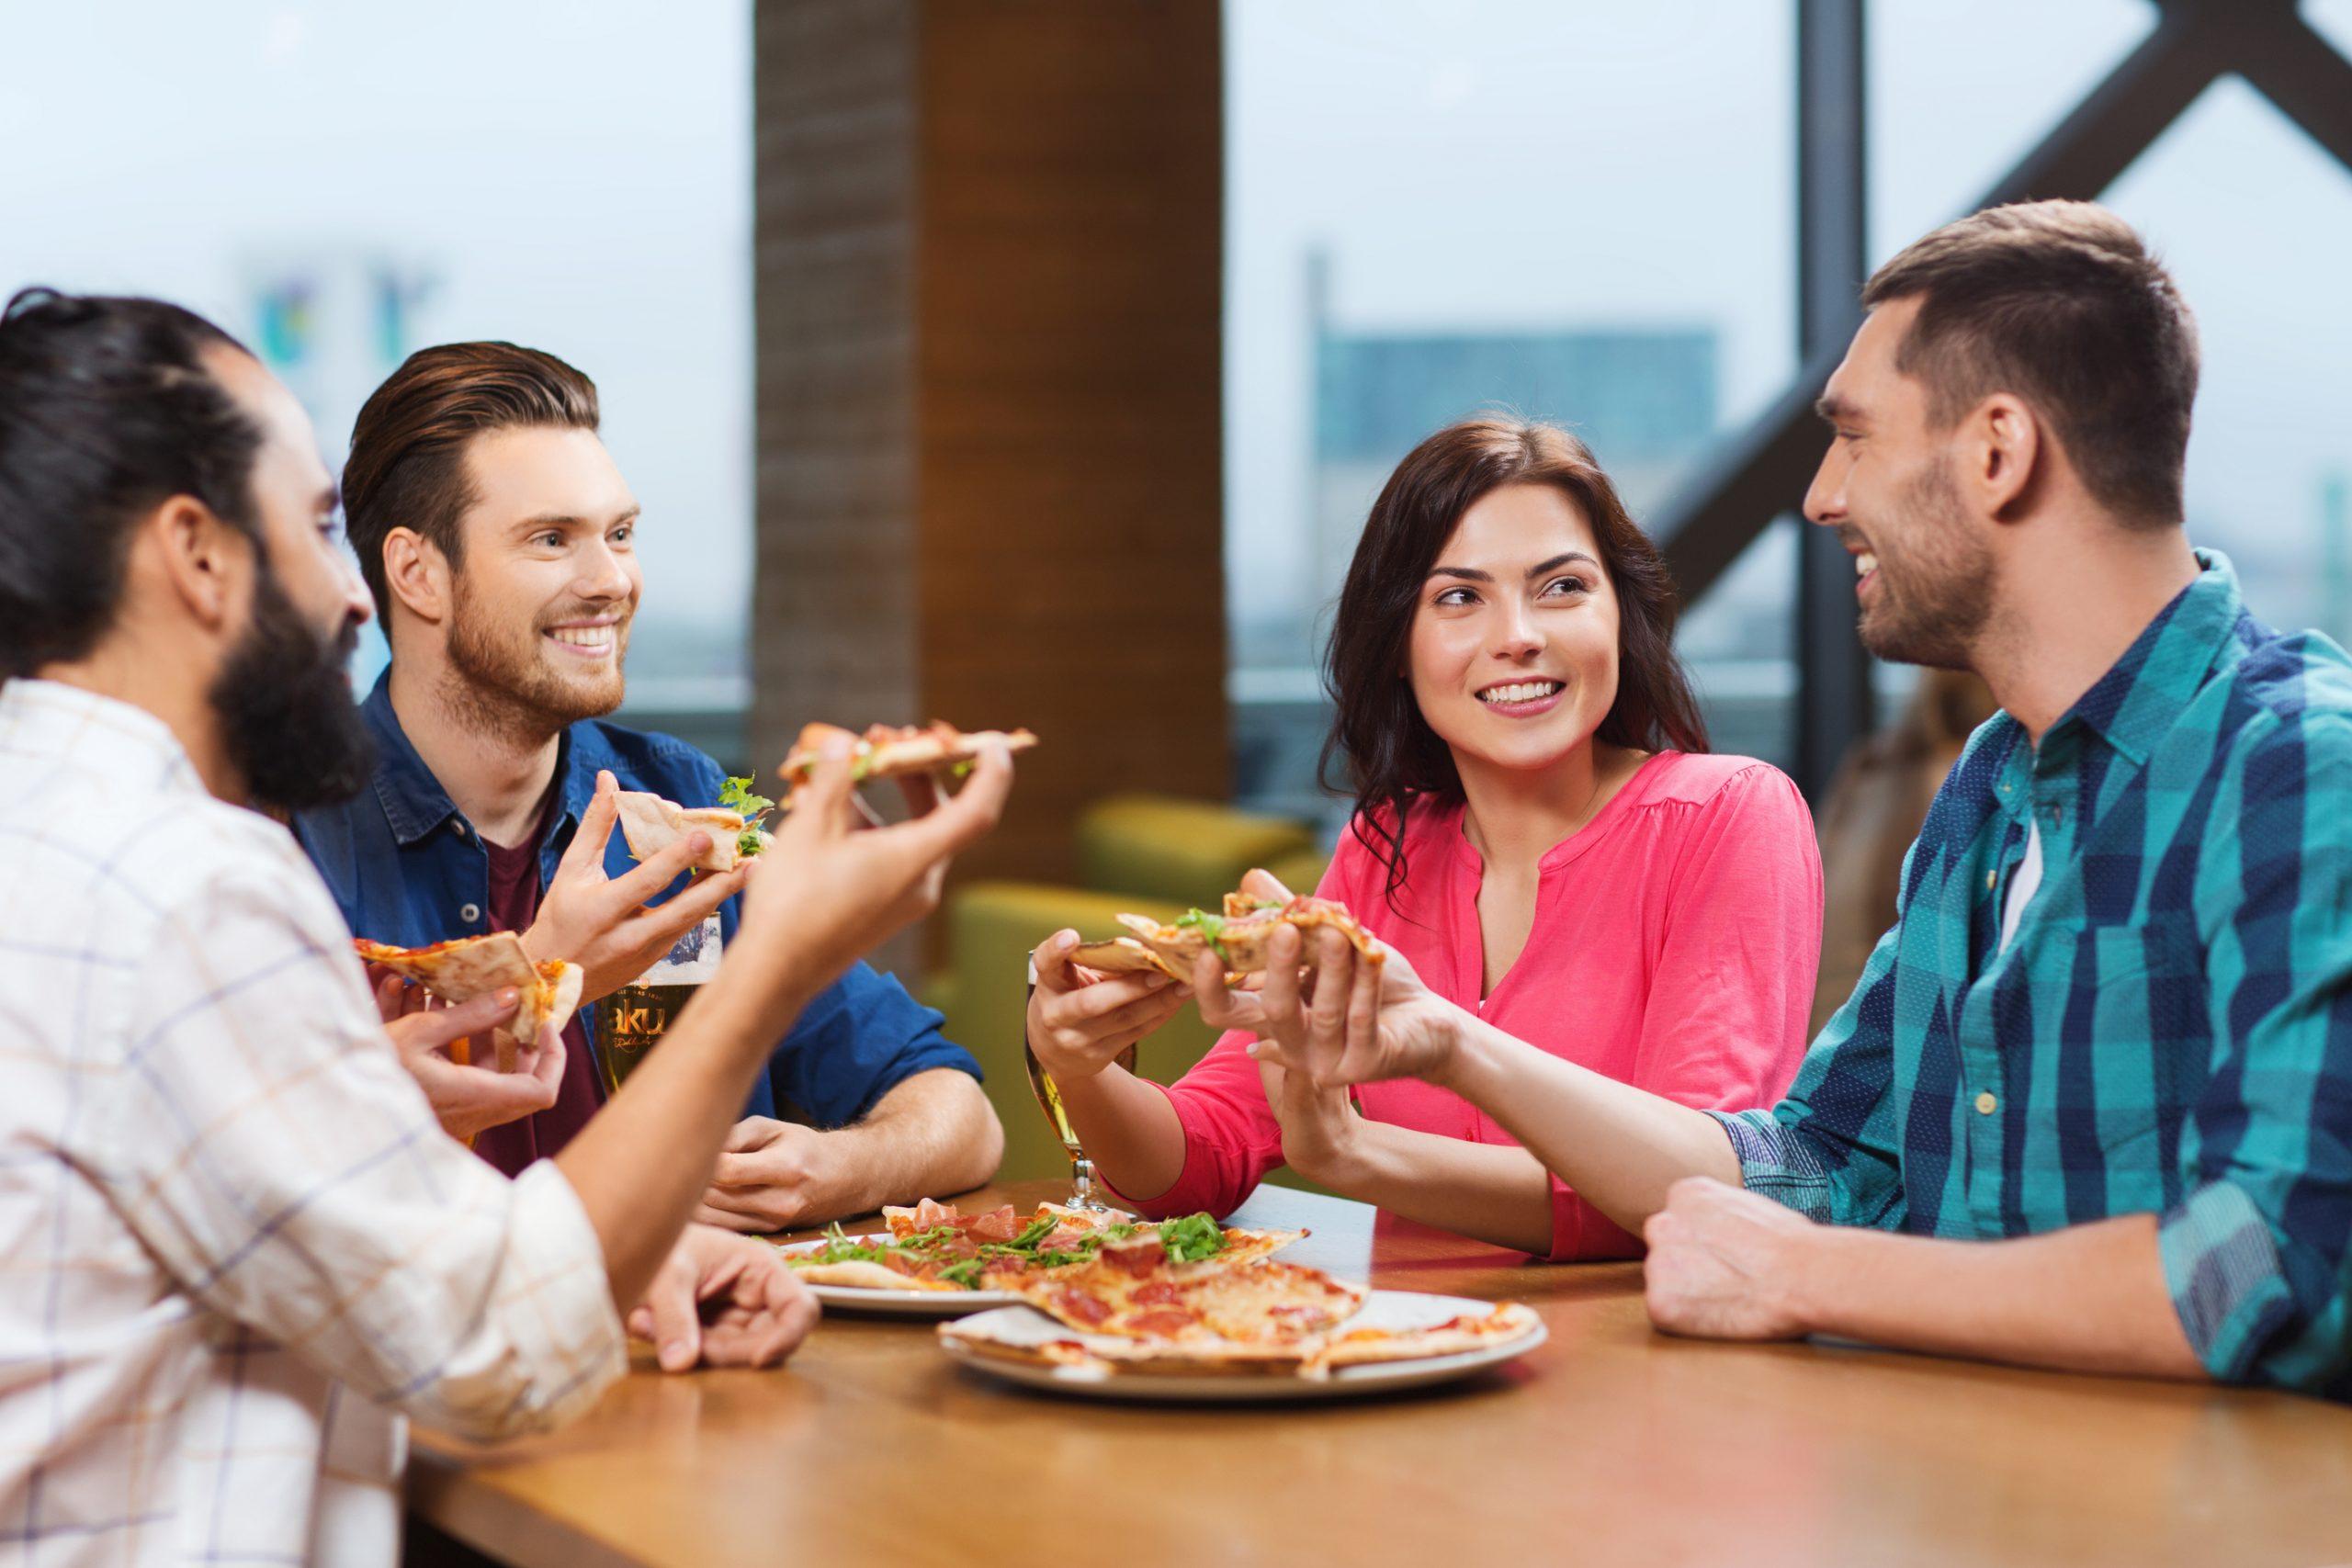 Pizzeria Loyalty Rewards